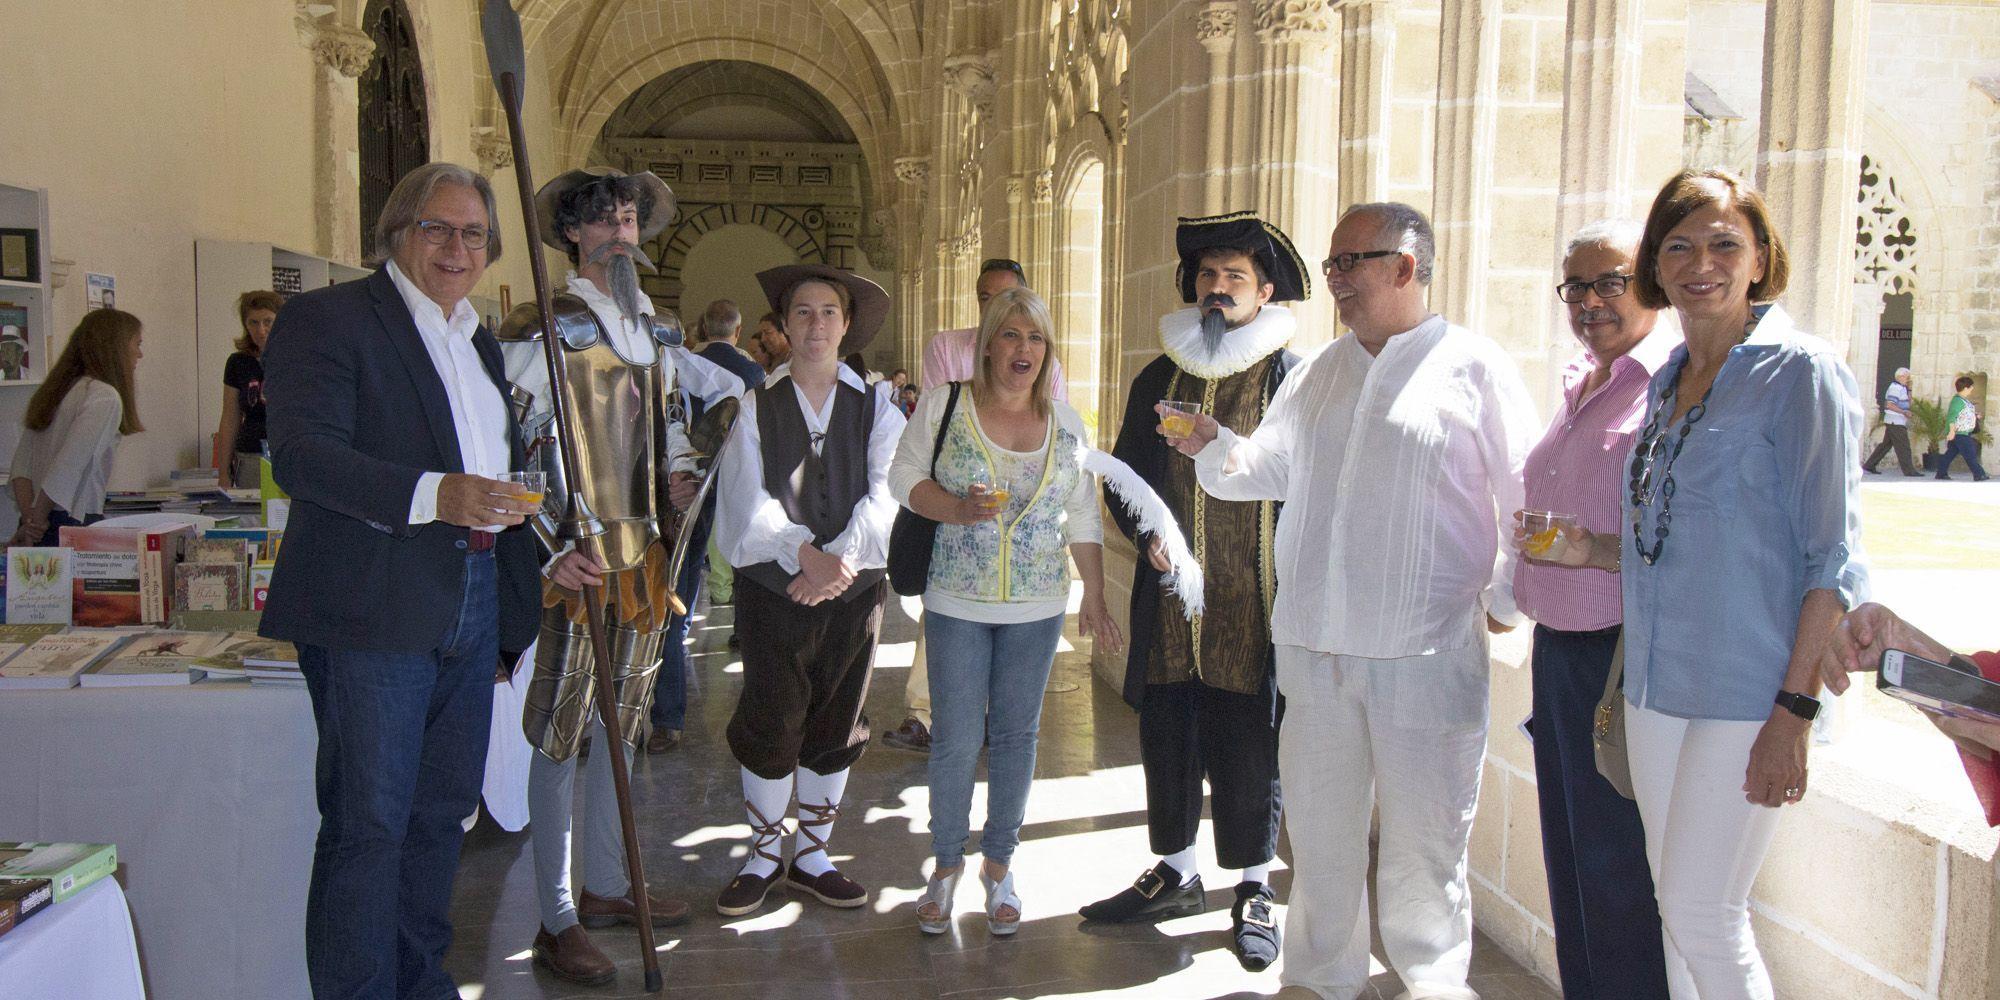 La alcaldesa, Mamen Sánchez, junto al delegado de cultura, Francisco Camas, en la inauguración de la Feria del Libro de Jerez 2016 | Juan Carlos Corchado para MIRA Jerez